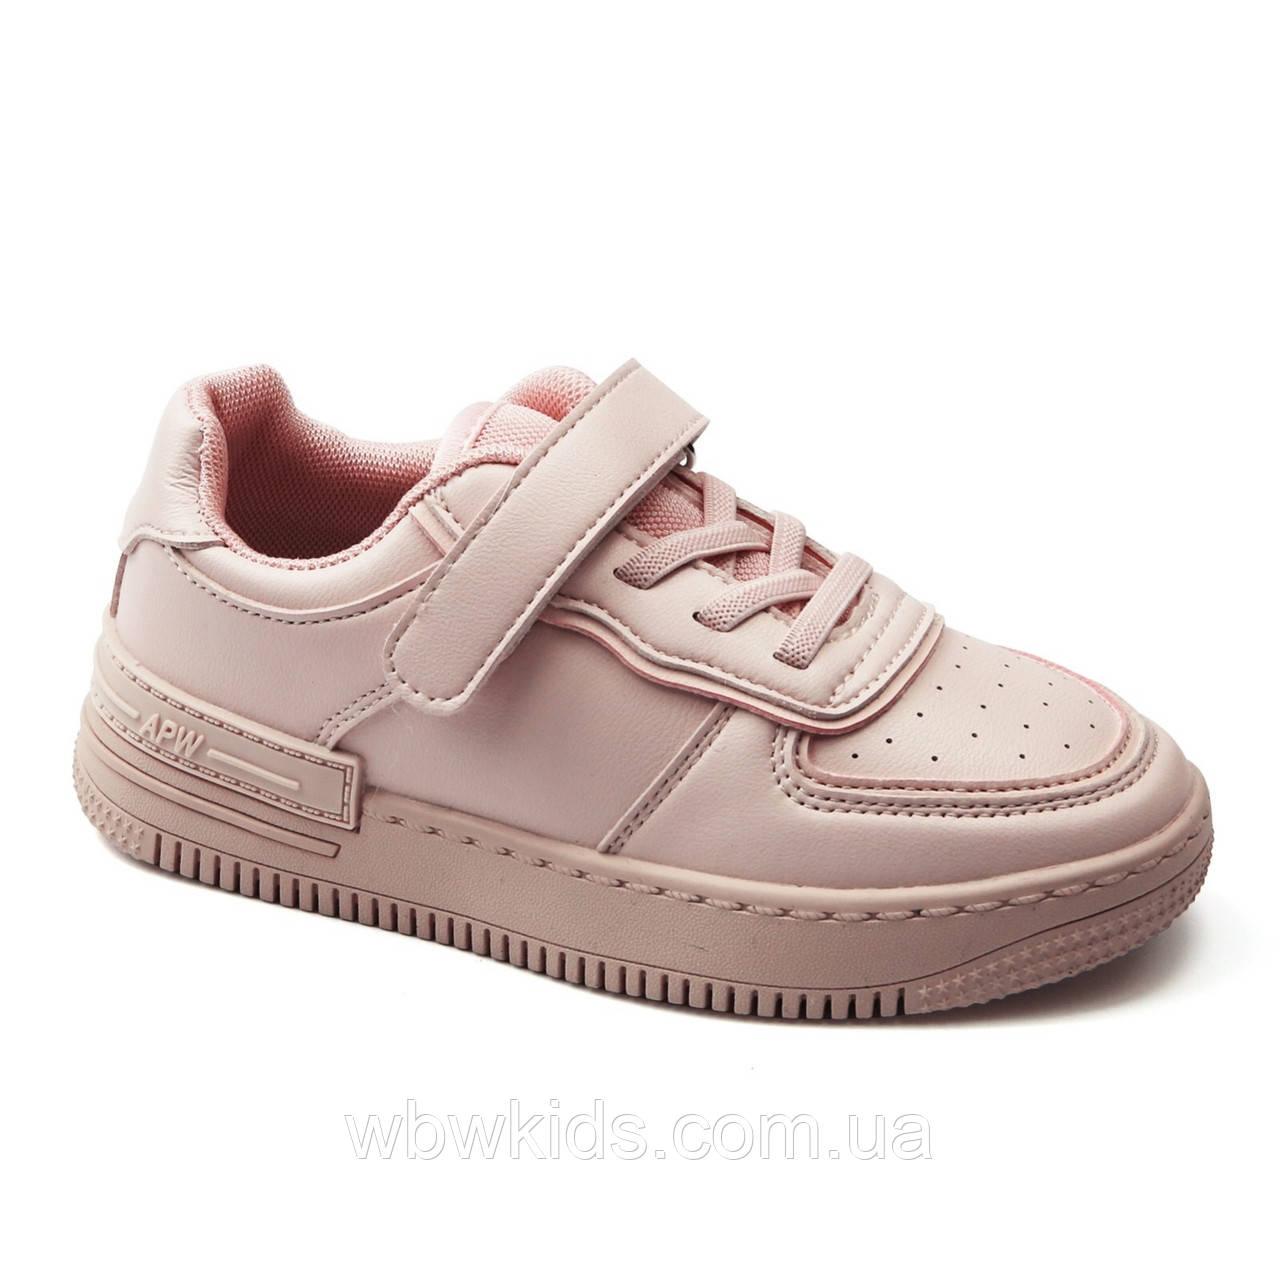 Кеды детские Apawwa GC13-1 pink для девочки розовые 28